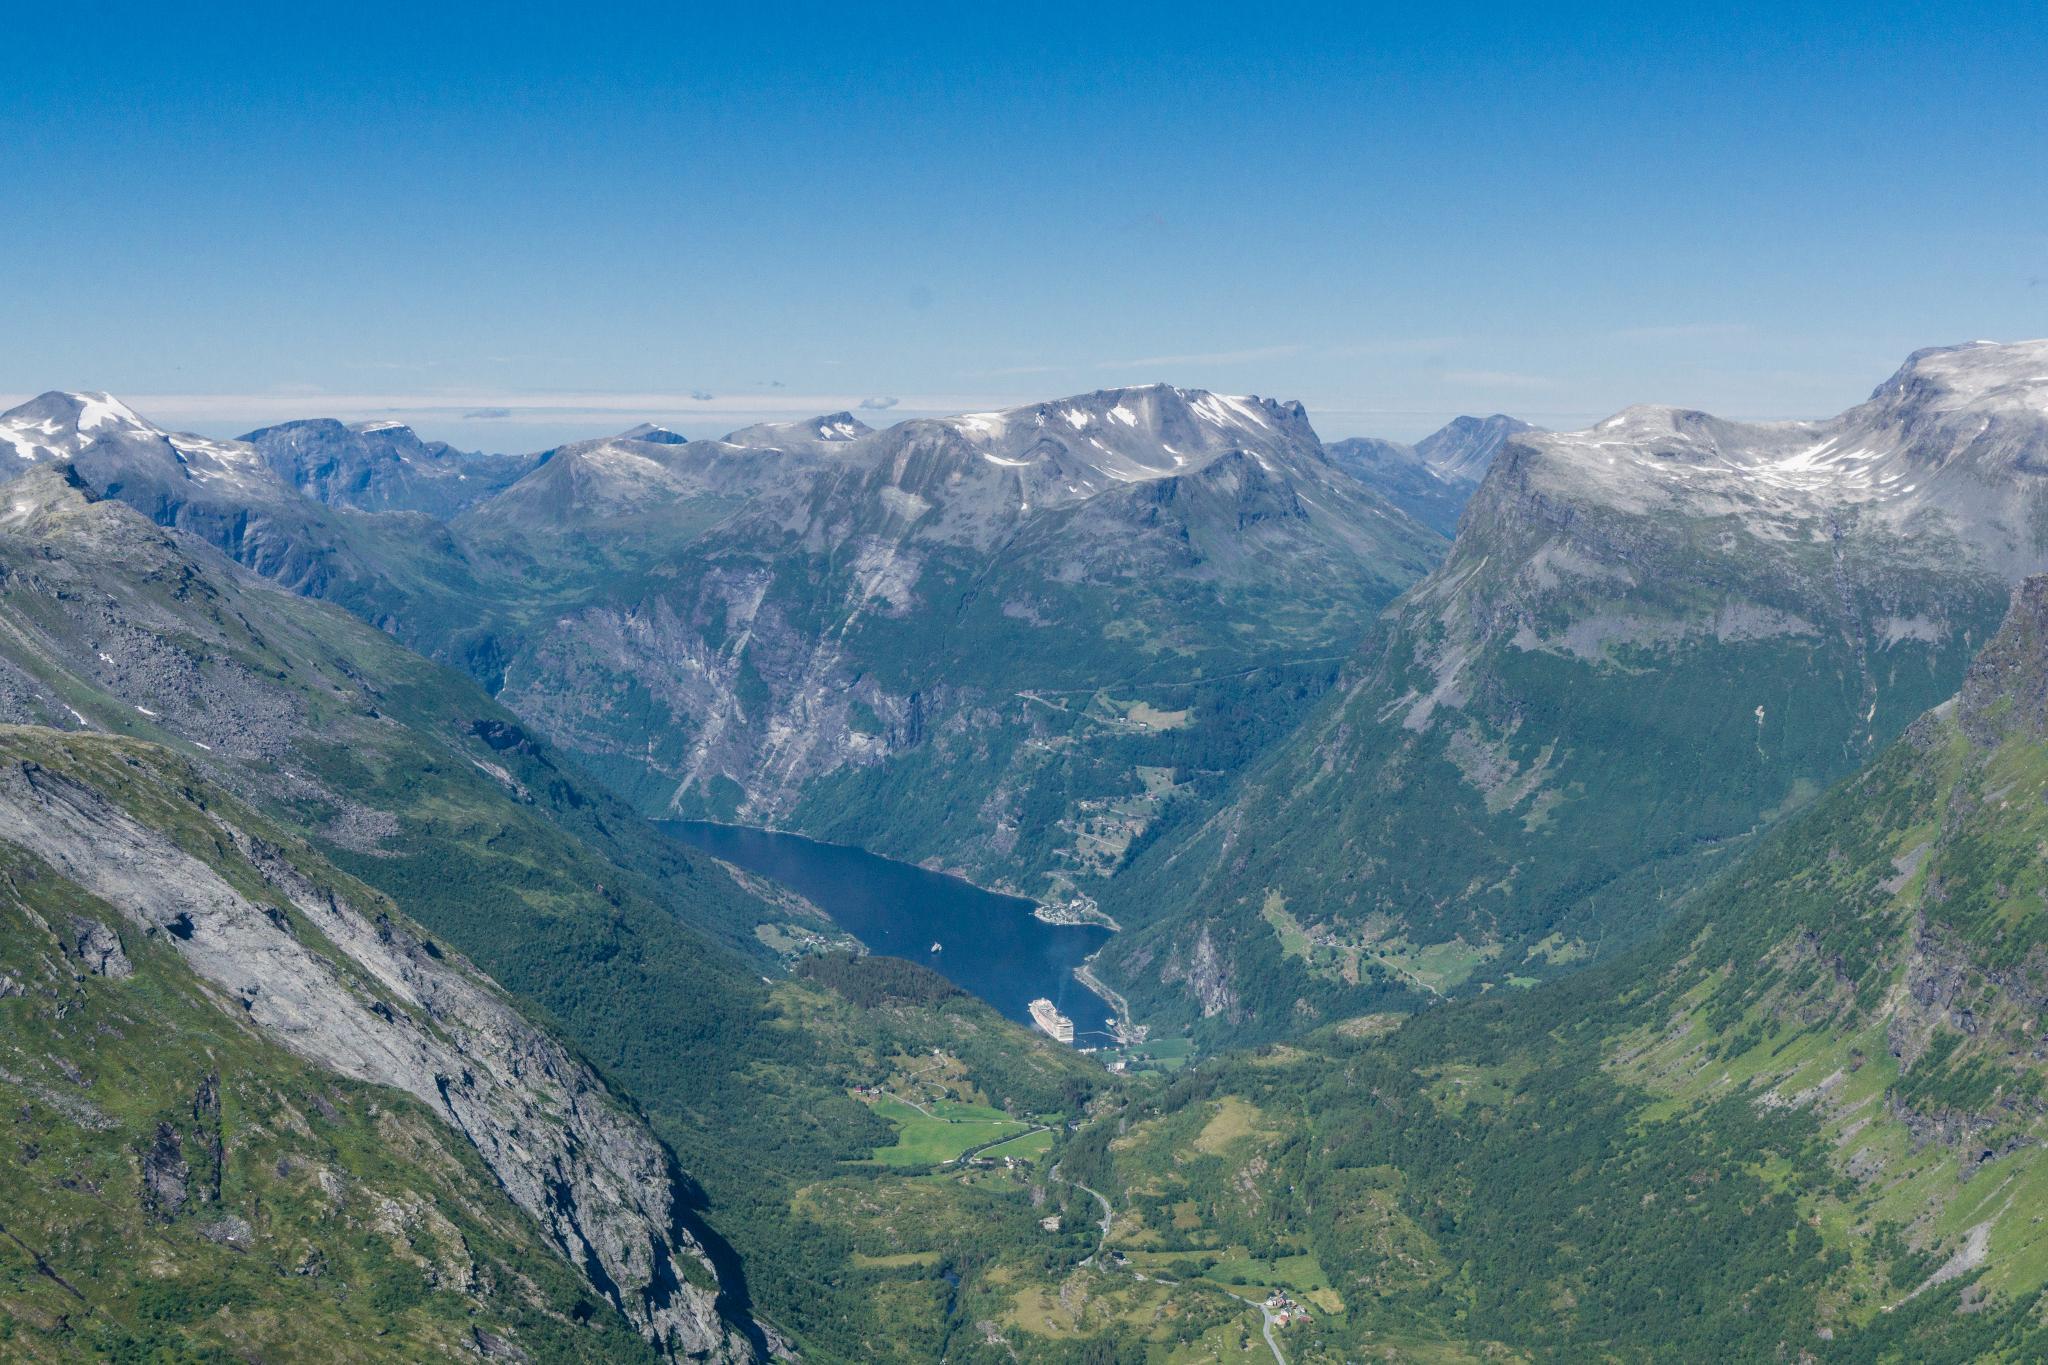 【北歐景點】歐洲最震撼的峽灣觀景台 — Dalsnibba Mountain Plateau 23